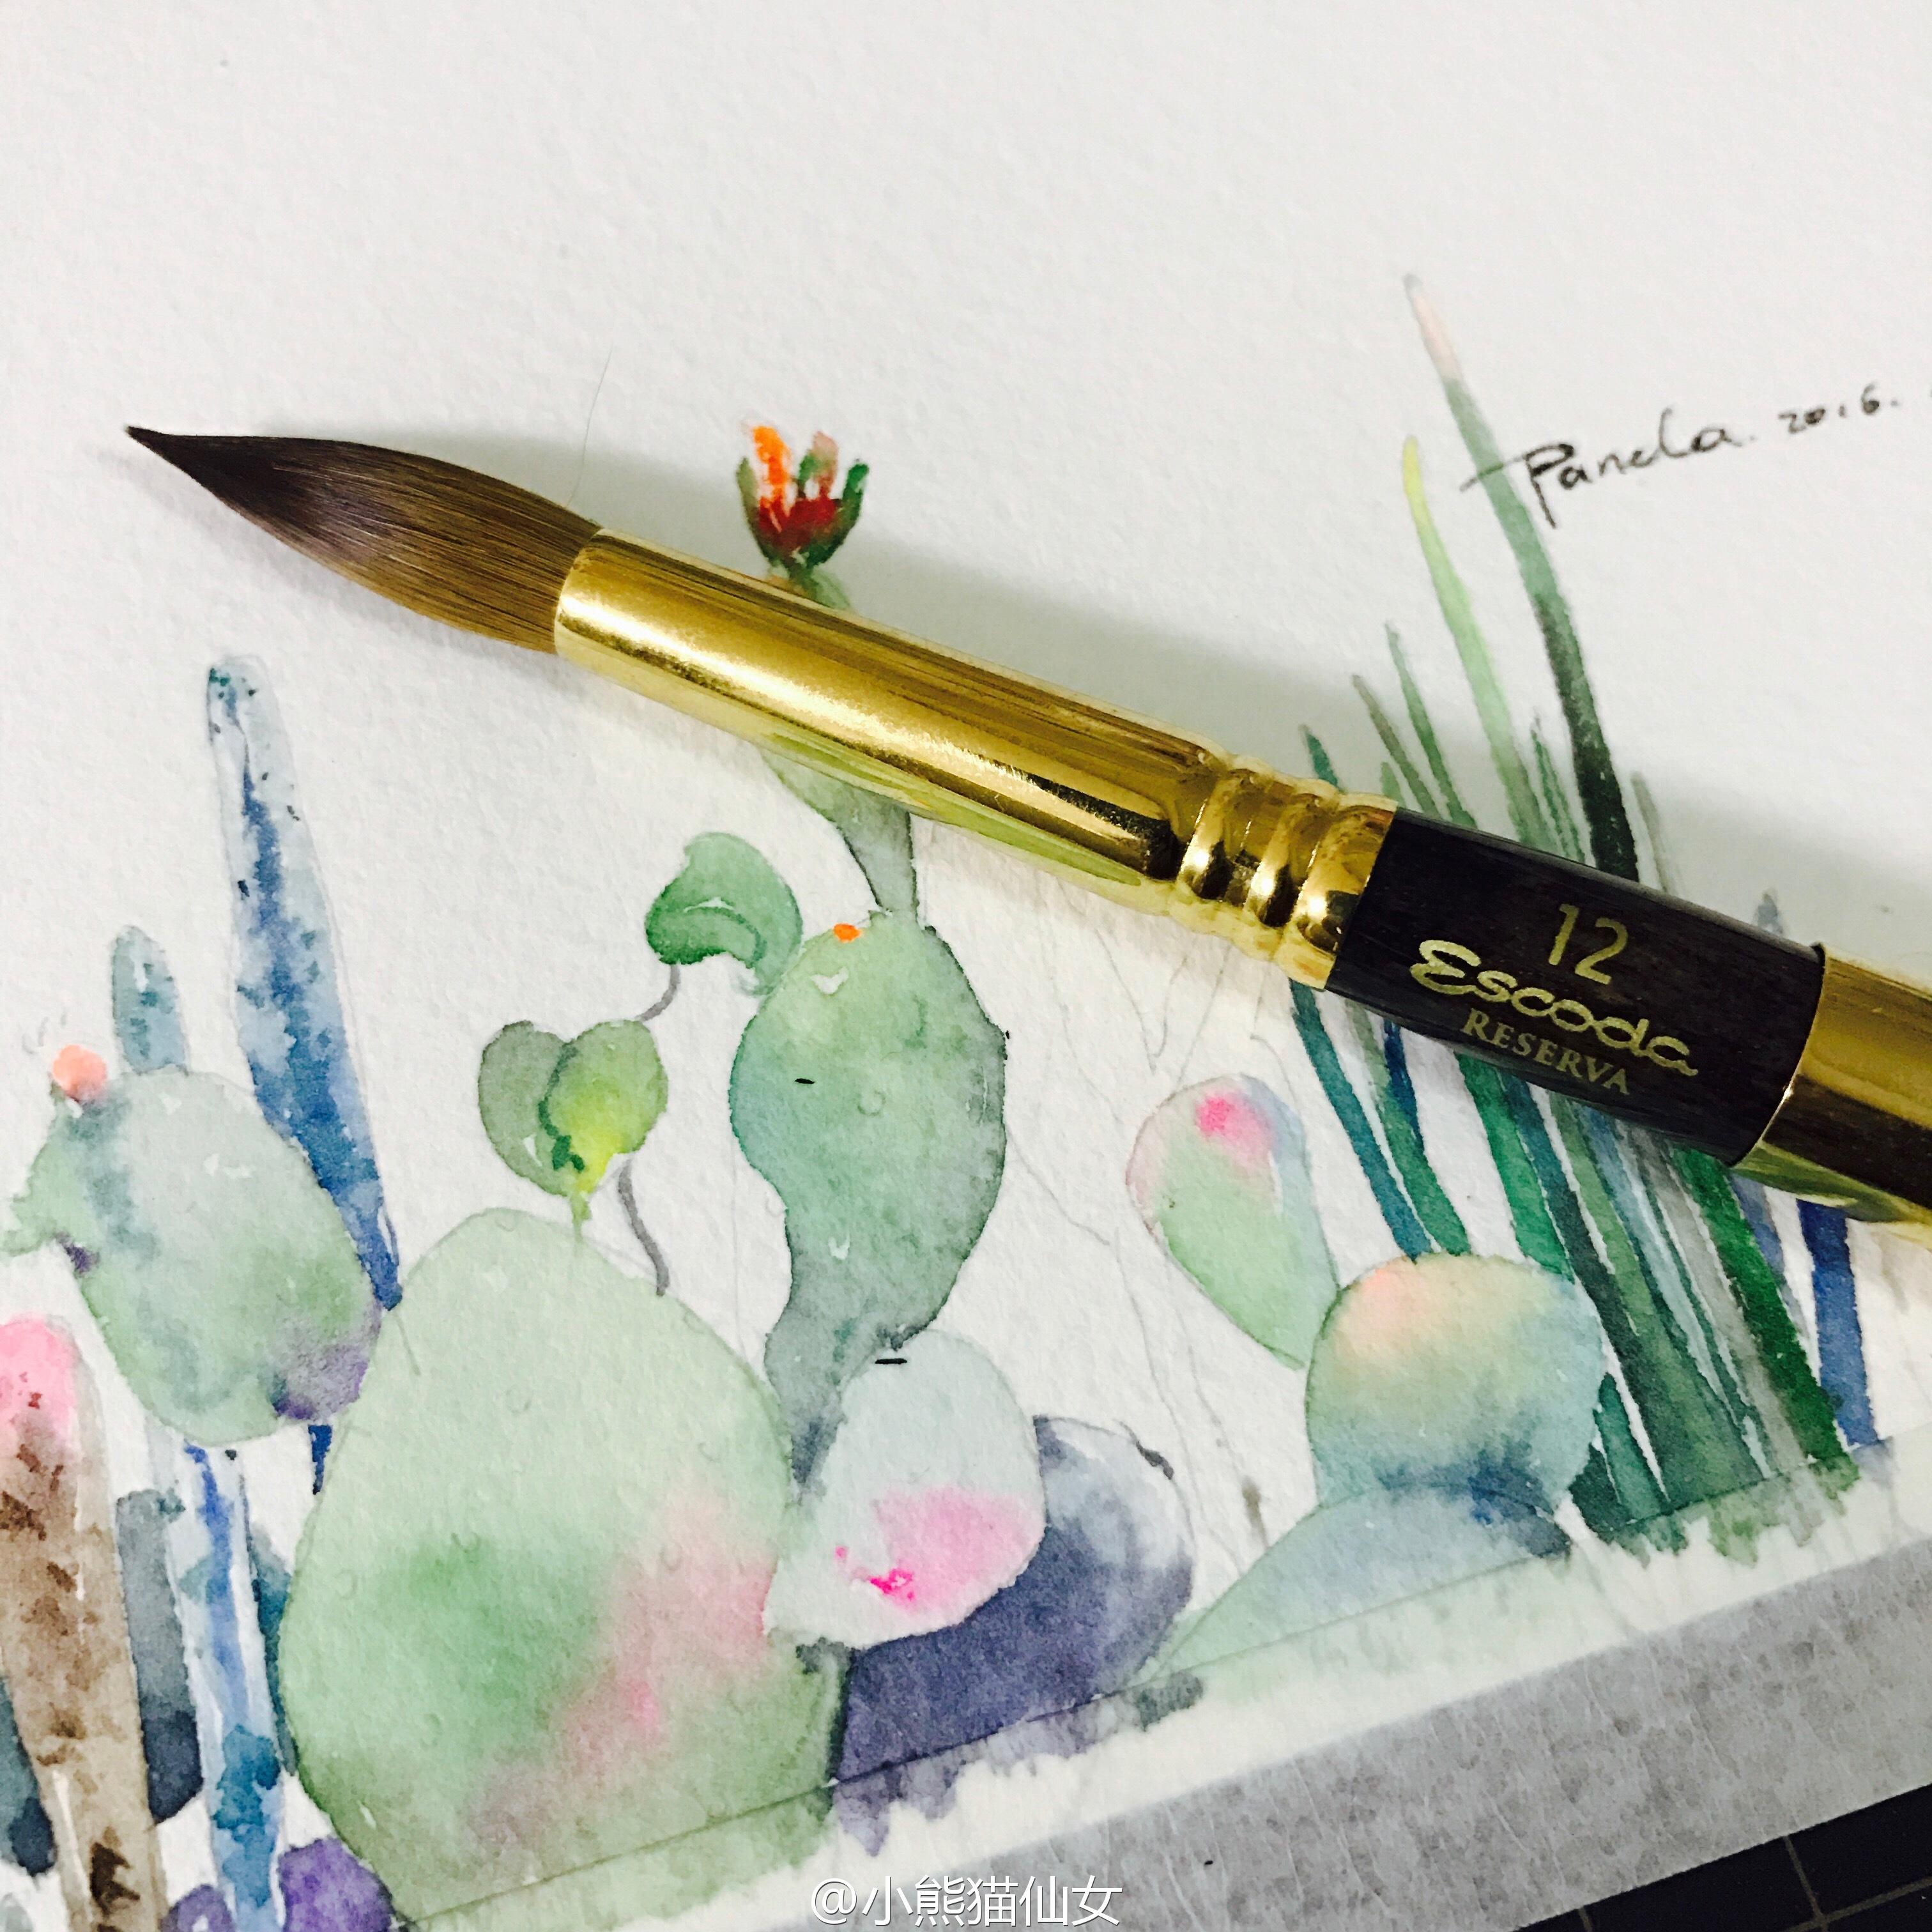 【小熊猫】水彩植物仙人掌手绘教程水彩风景旅行水彩教程